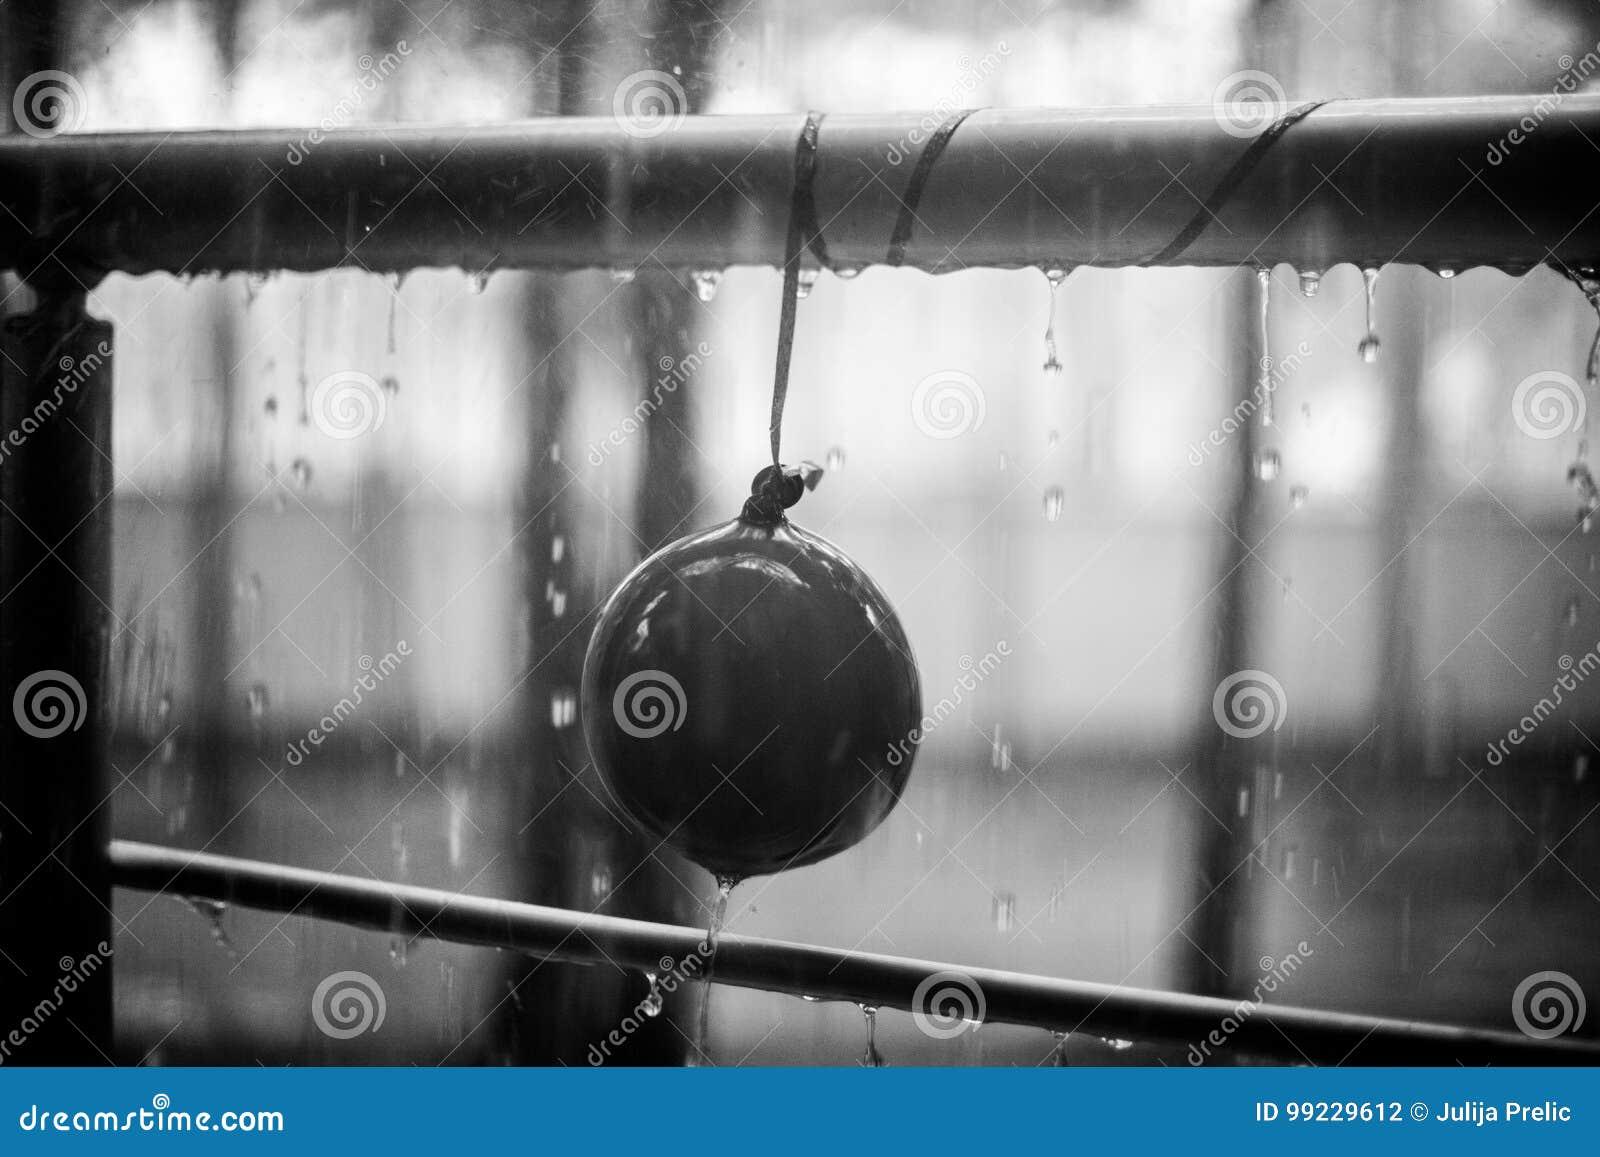 在儿童气球和金属扶手栏杆,夏天雨, bnw照片的小滴